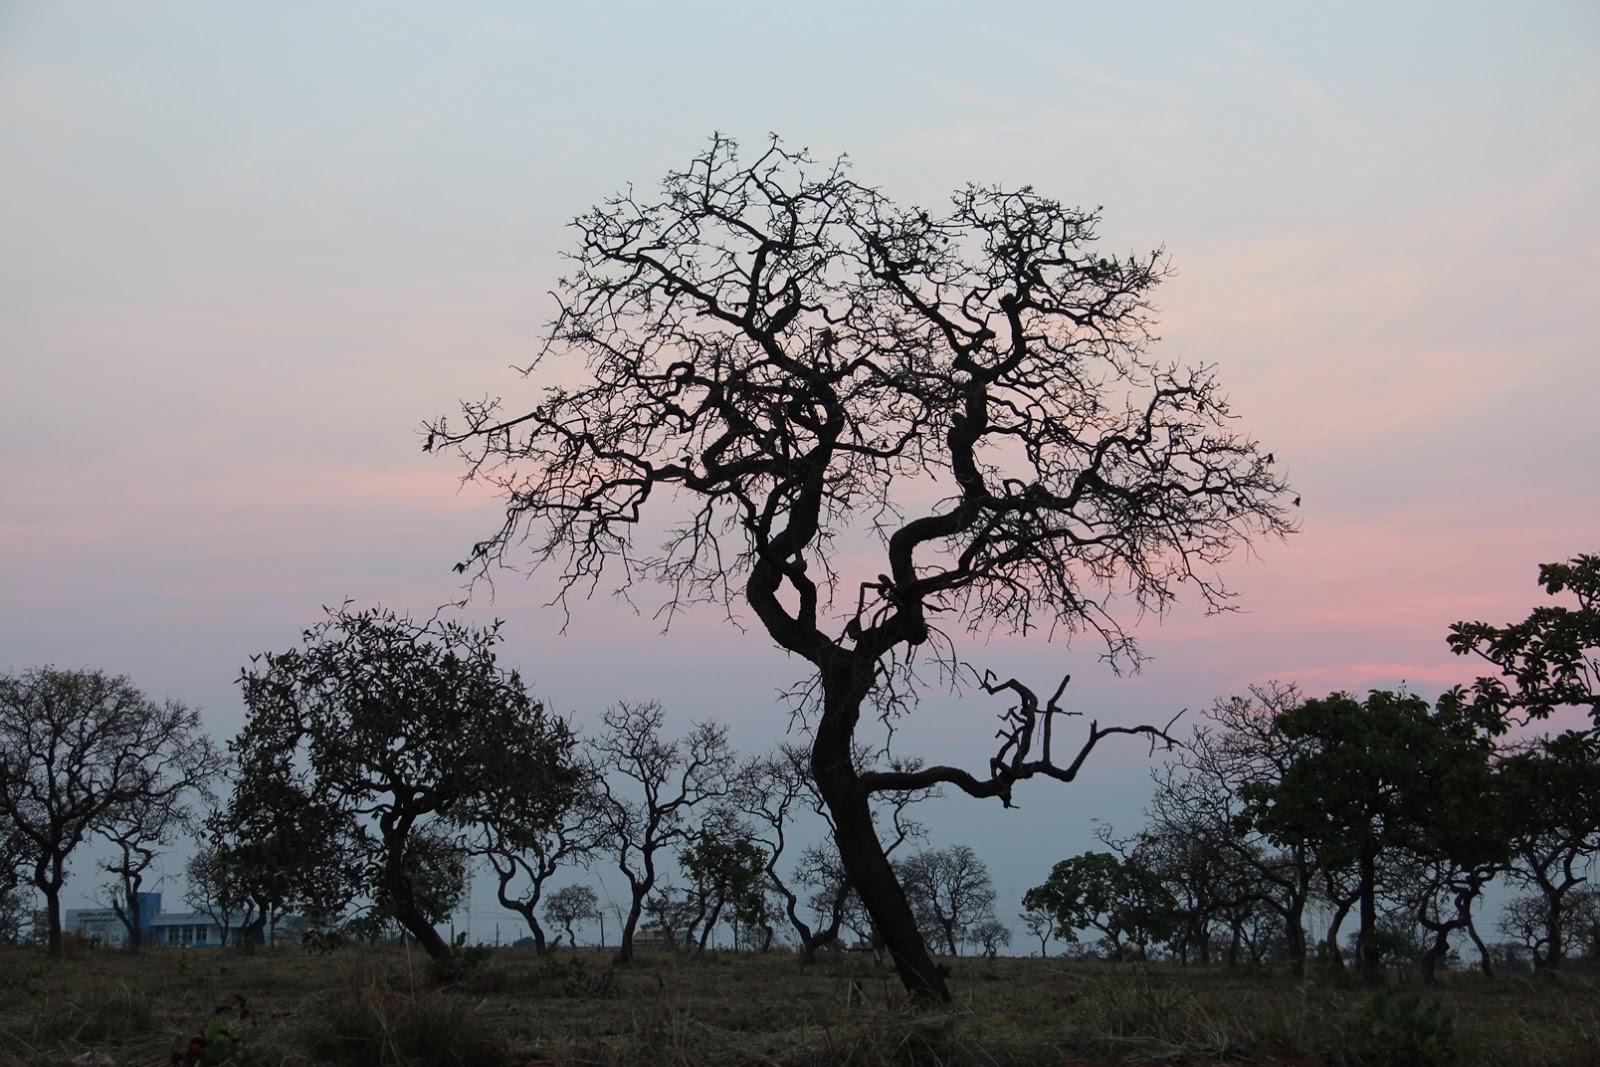 Paisagem do Cerrado na estação seca promove belas silhuetas - foto Elma Carneiro